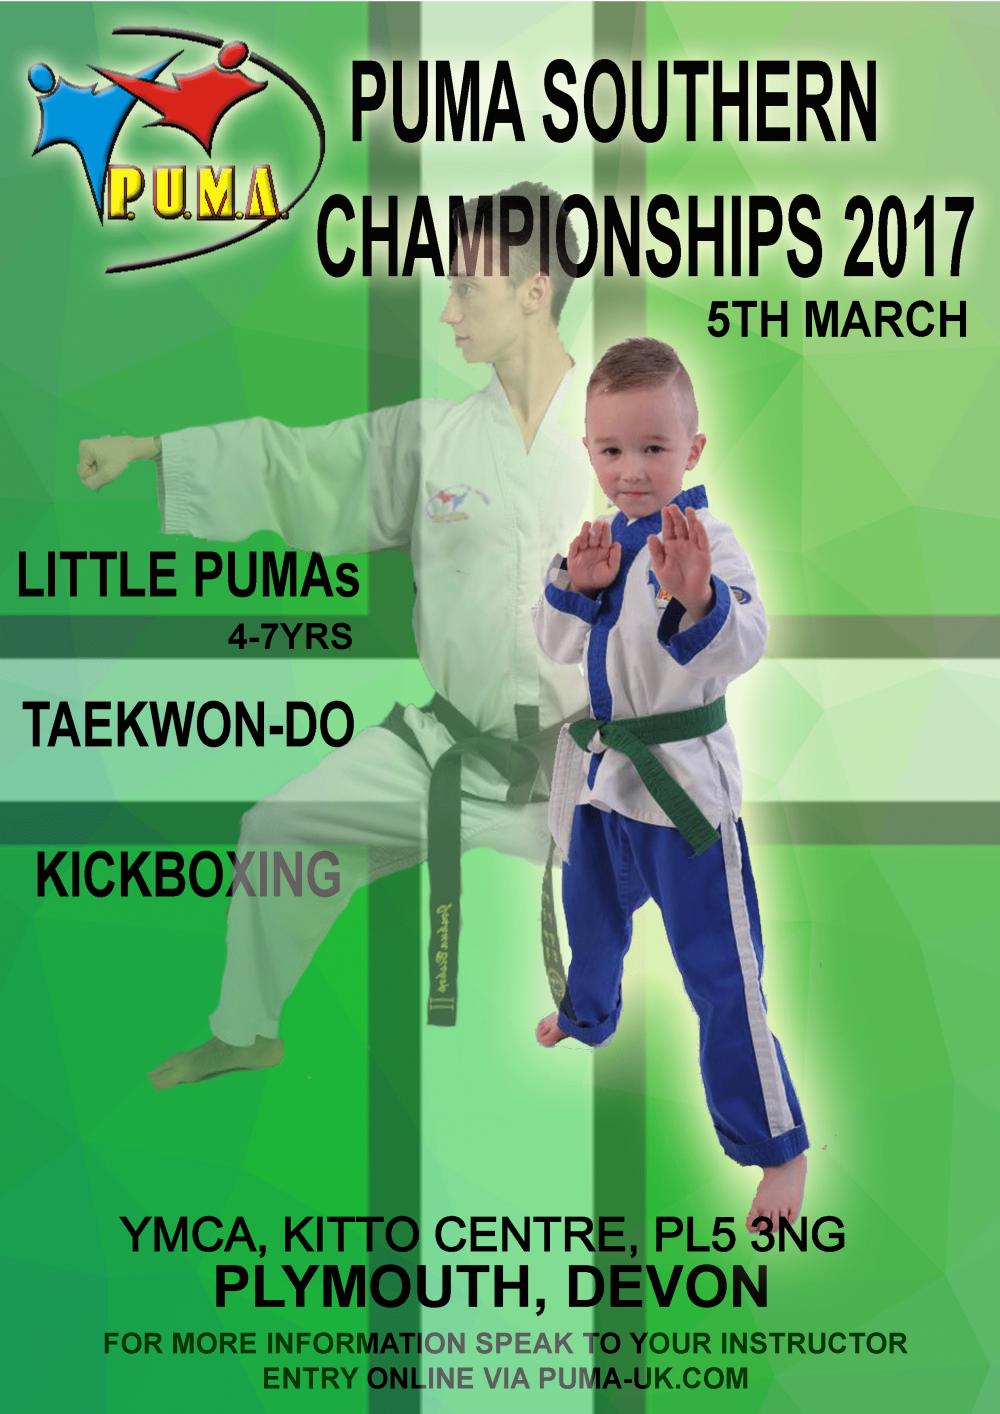 PUMA Southern Poster 2017 e1487714753494